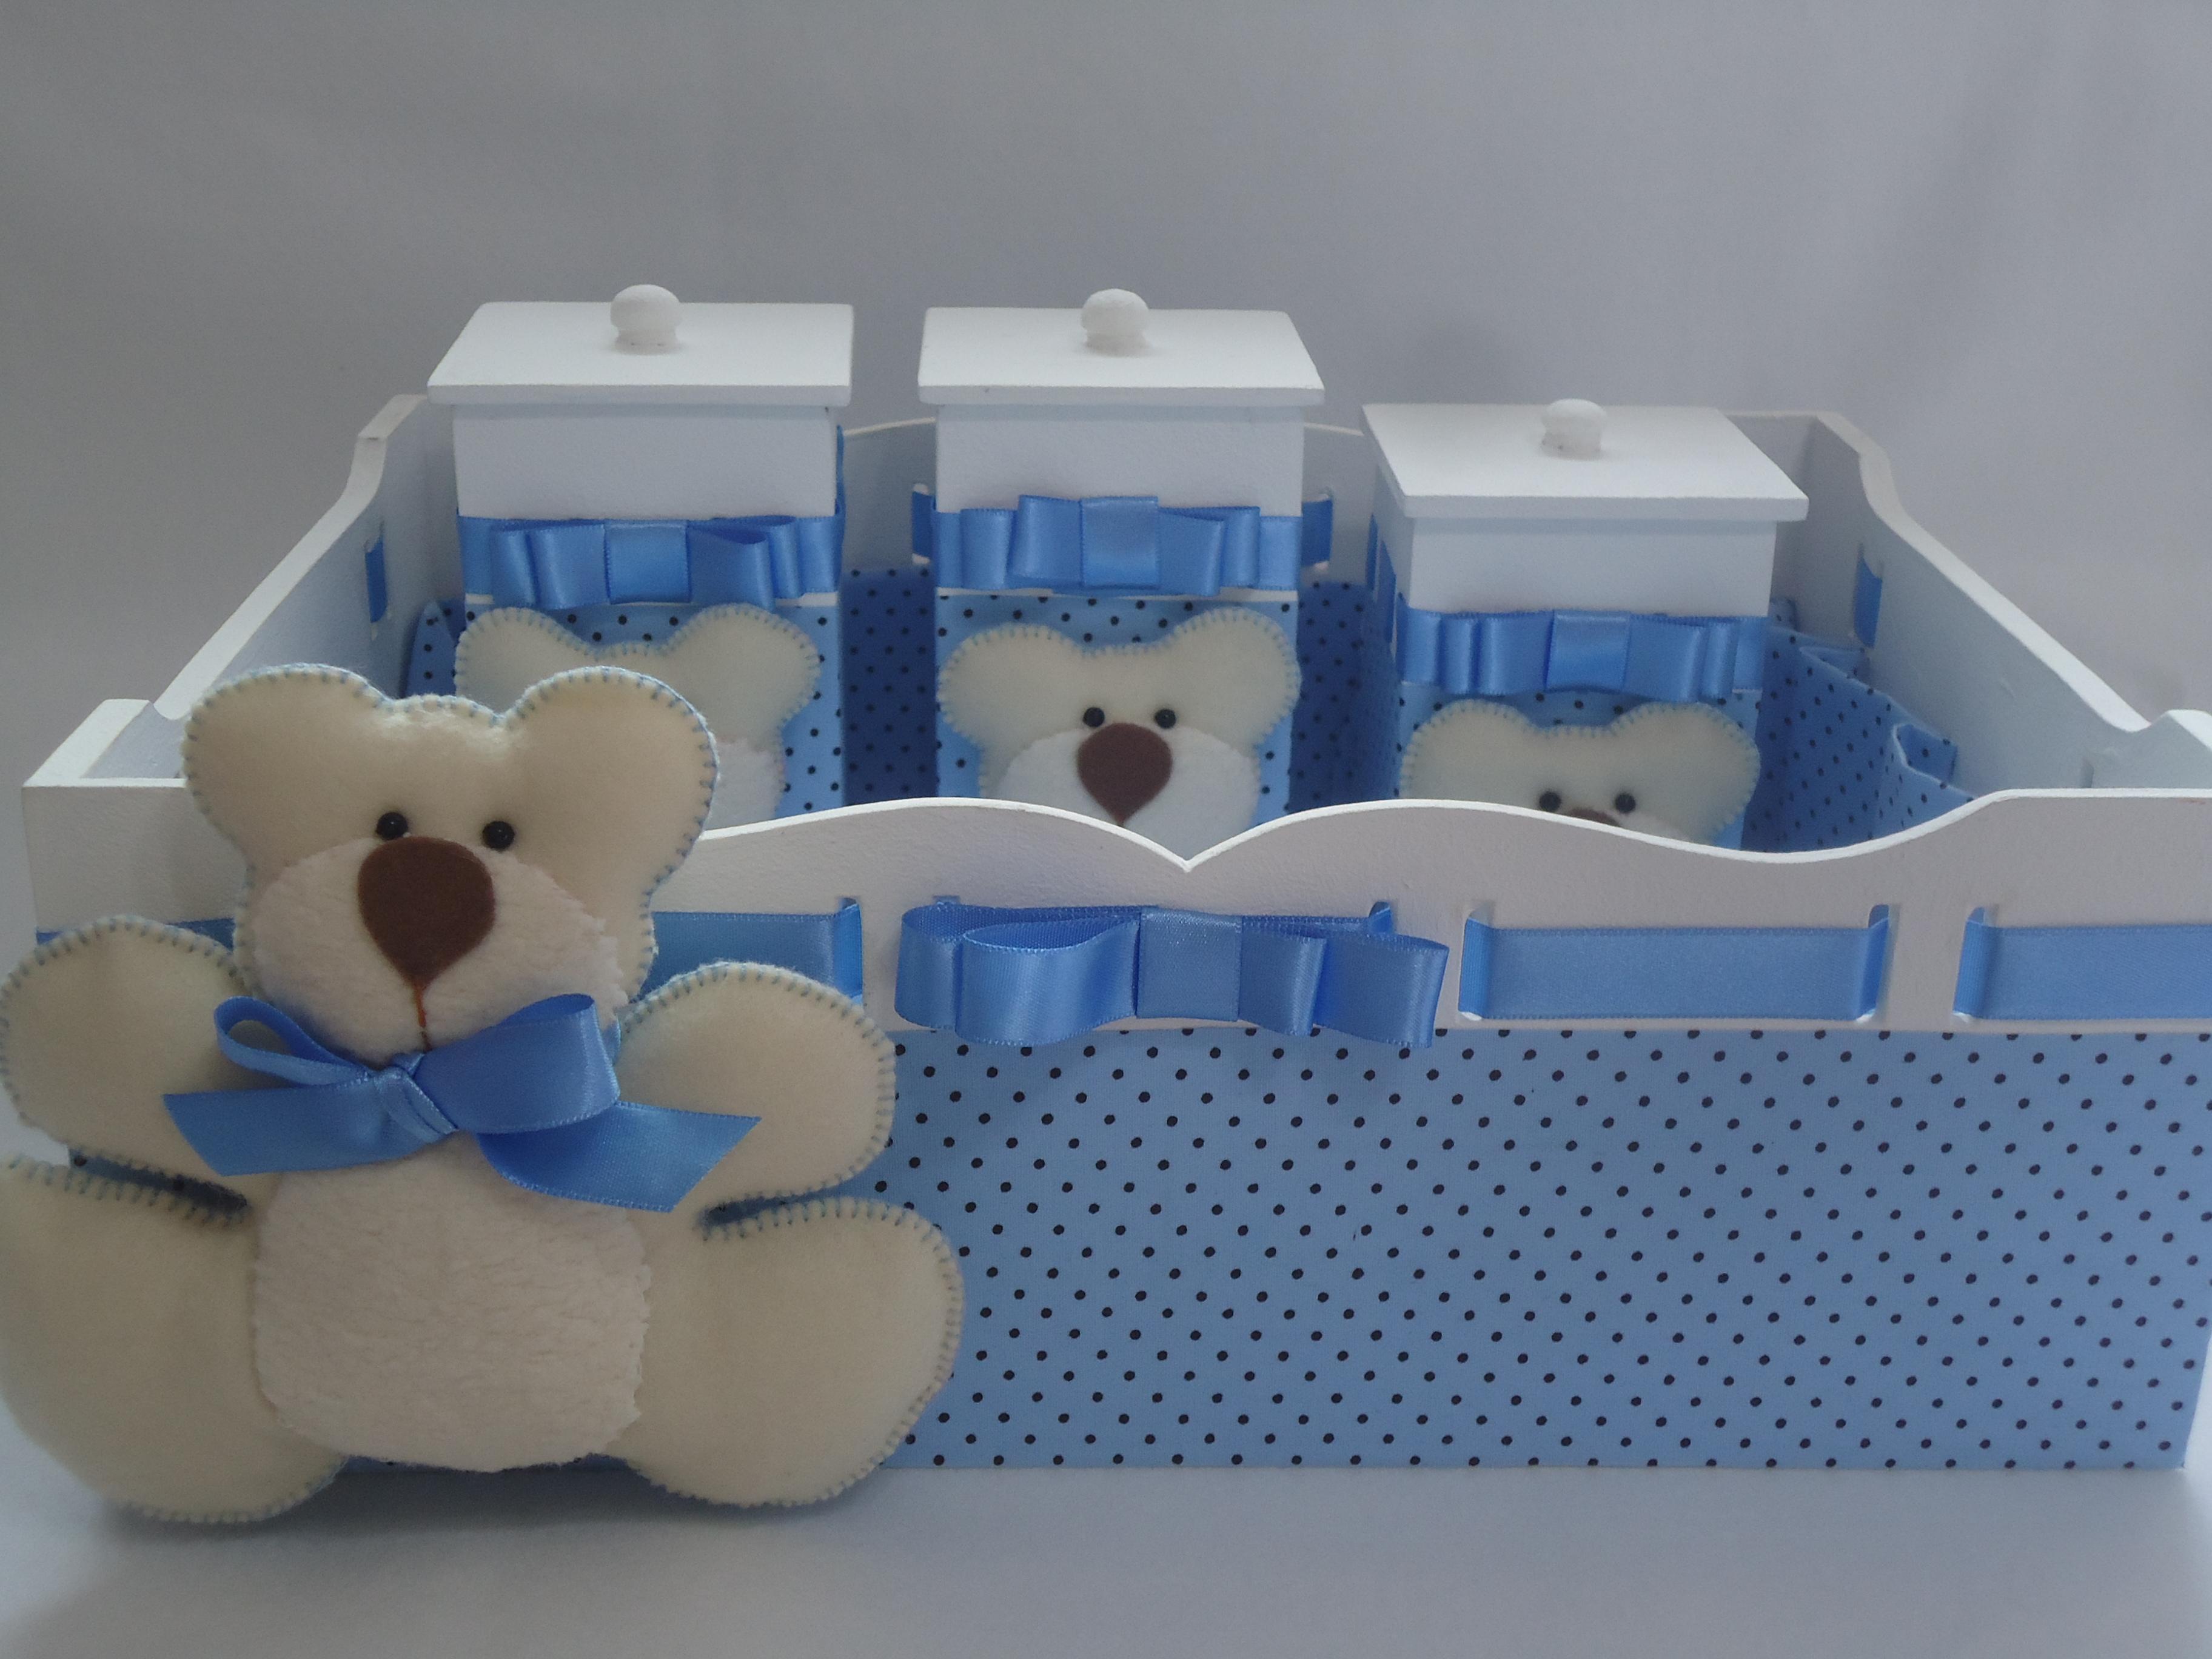 Kit Higiene Beb u00ea Urso Azul com Poás Ternura em Feltro Elo7 -> Como Decorar Kit Higiene Bebe Com Tecido